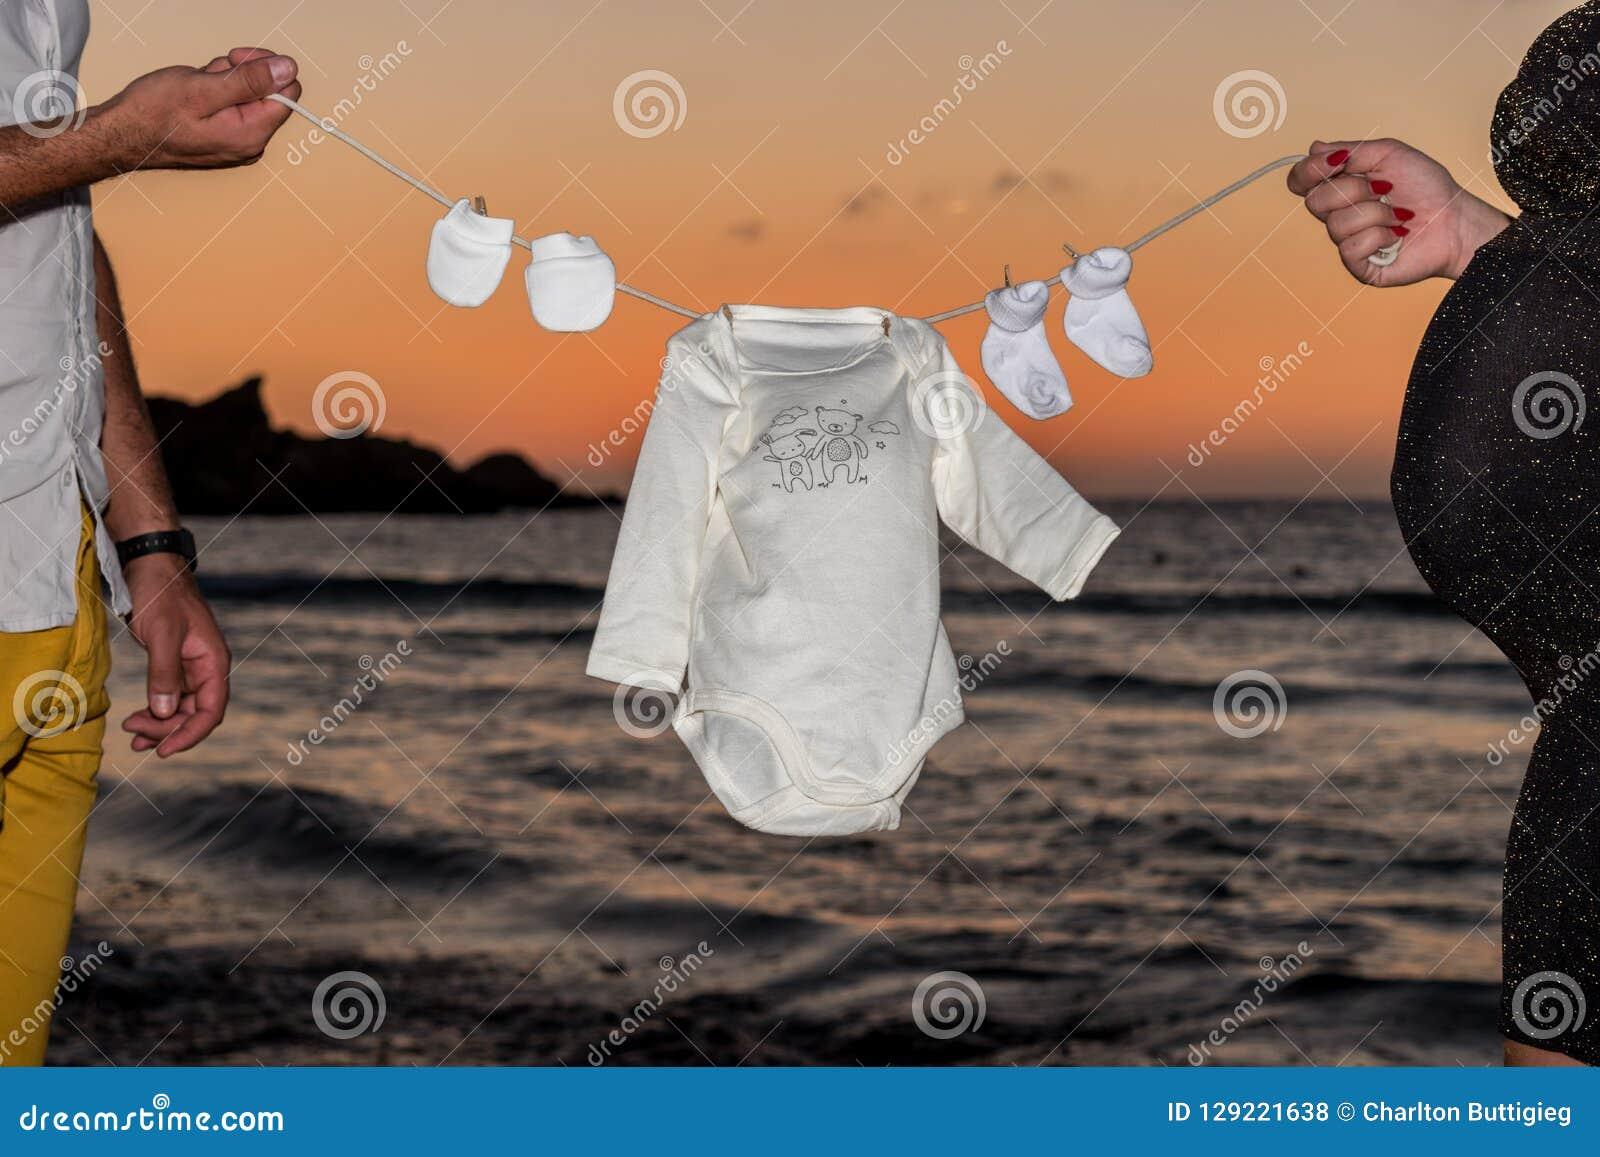 Baby-Kleidung auf einer Linie